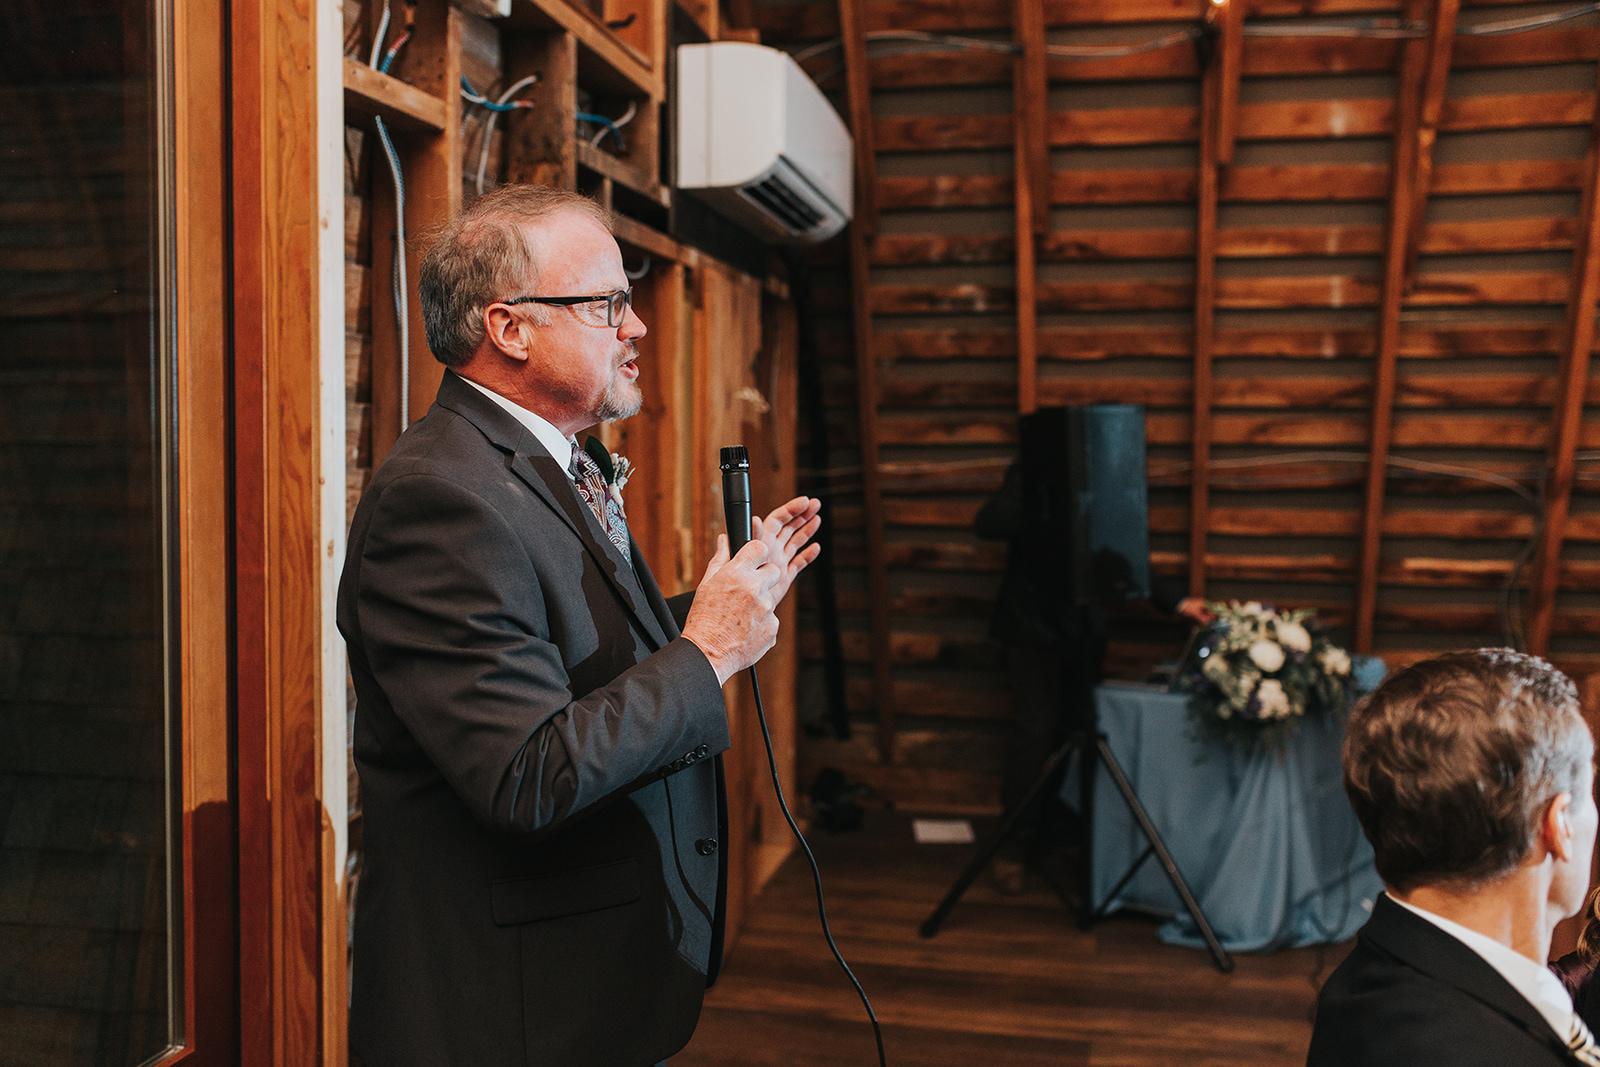 brielle-davis-events-48-fields-wedding-0377.jpg